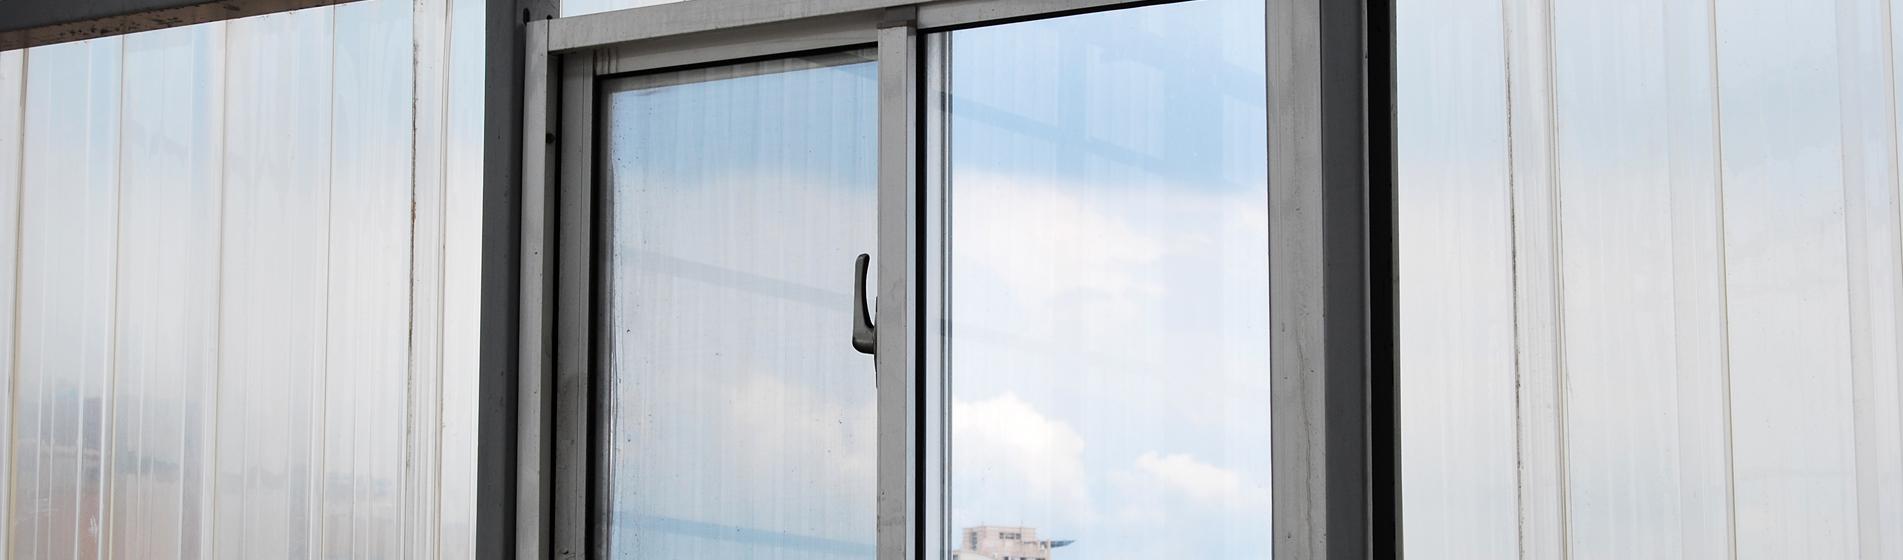 achat fenêtre alu sur-mesure 13 Bouches-du-Rhône